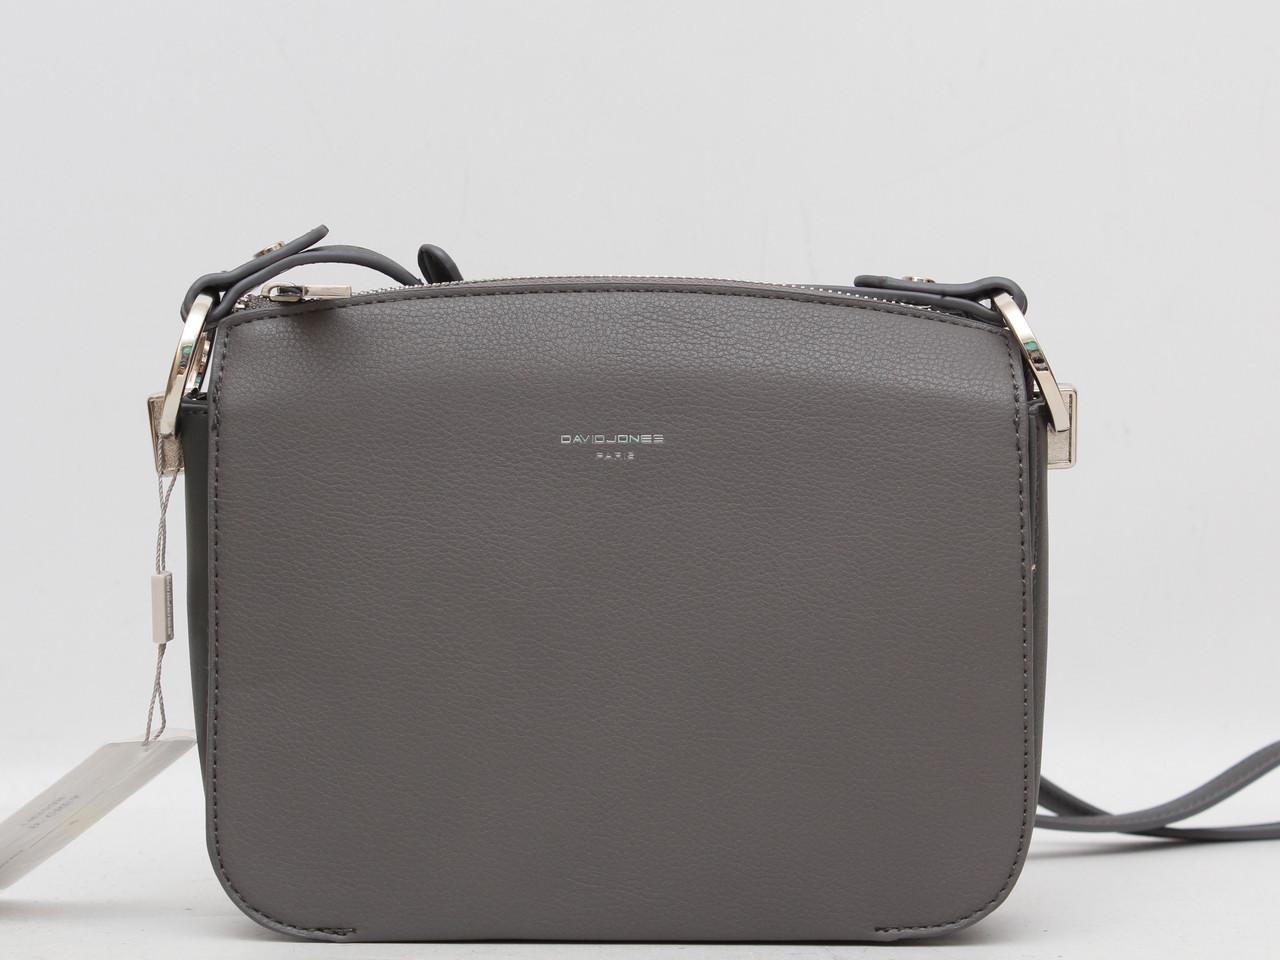 87a4afd6991c Жіноча сумка David Jones / Стильная женская кожаная (кожа искусственная) сумка  Дэвид Джонс -